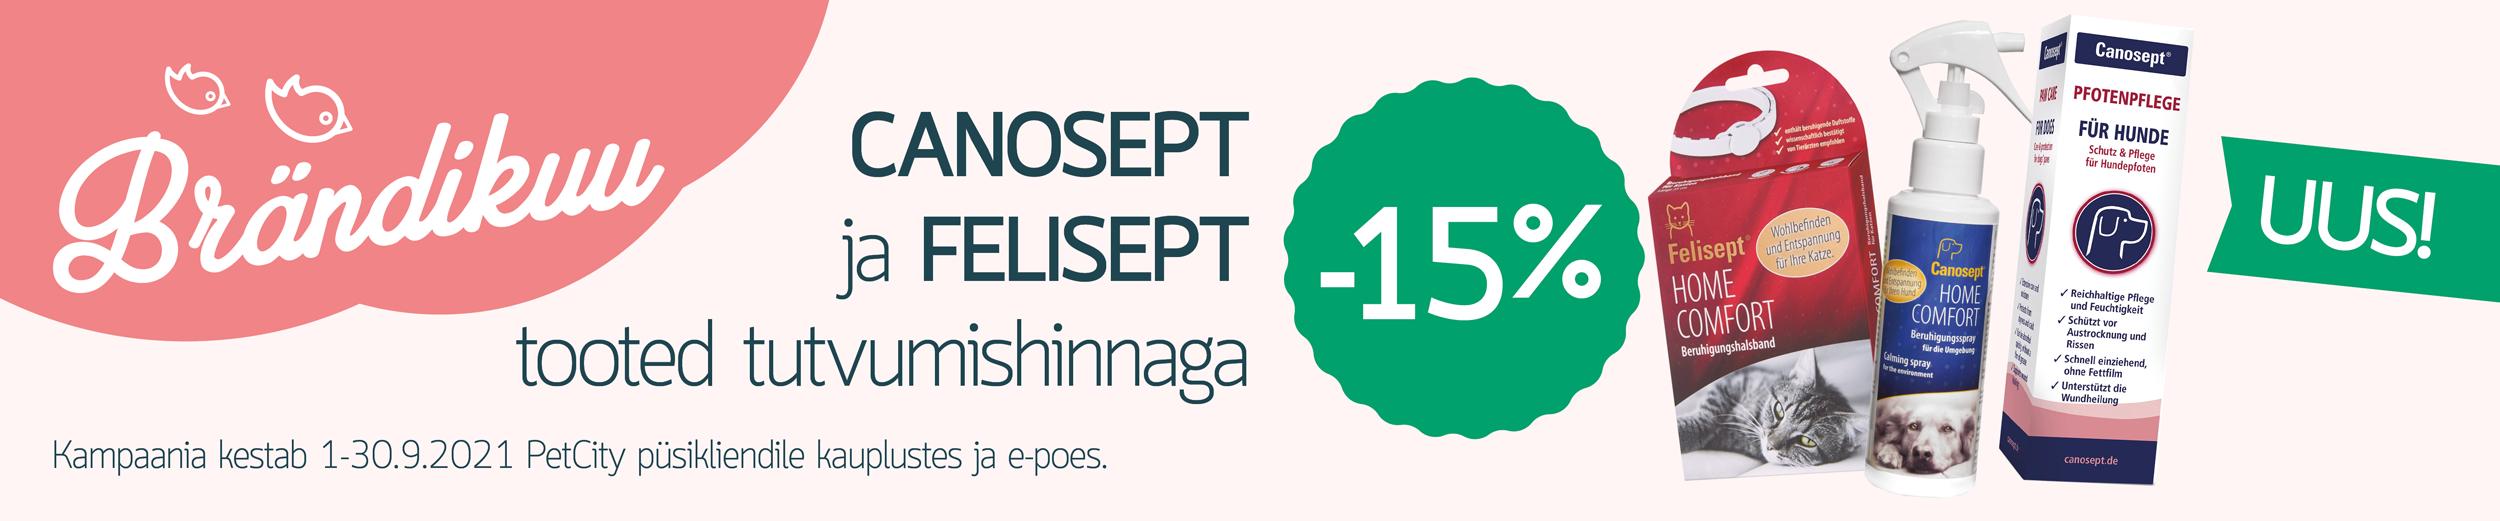 CANOSEPT ja FELISEPT -15%